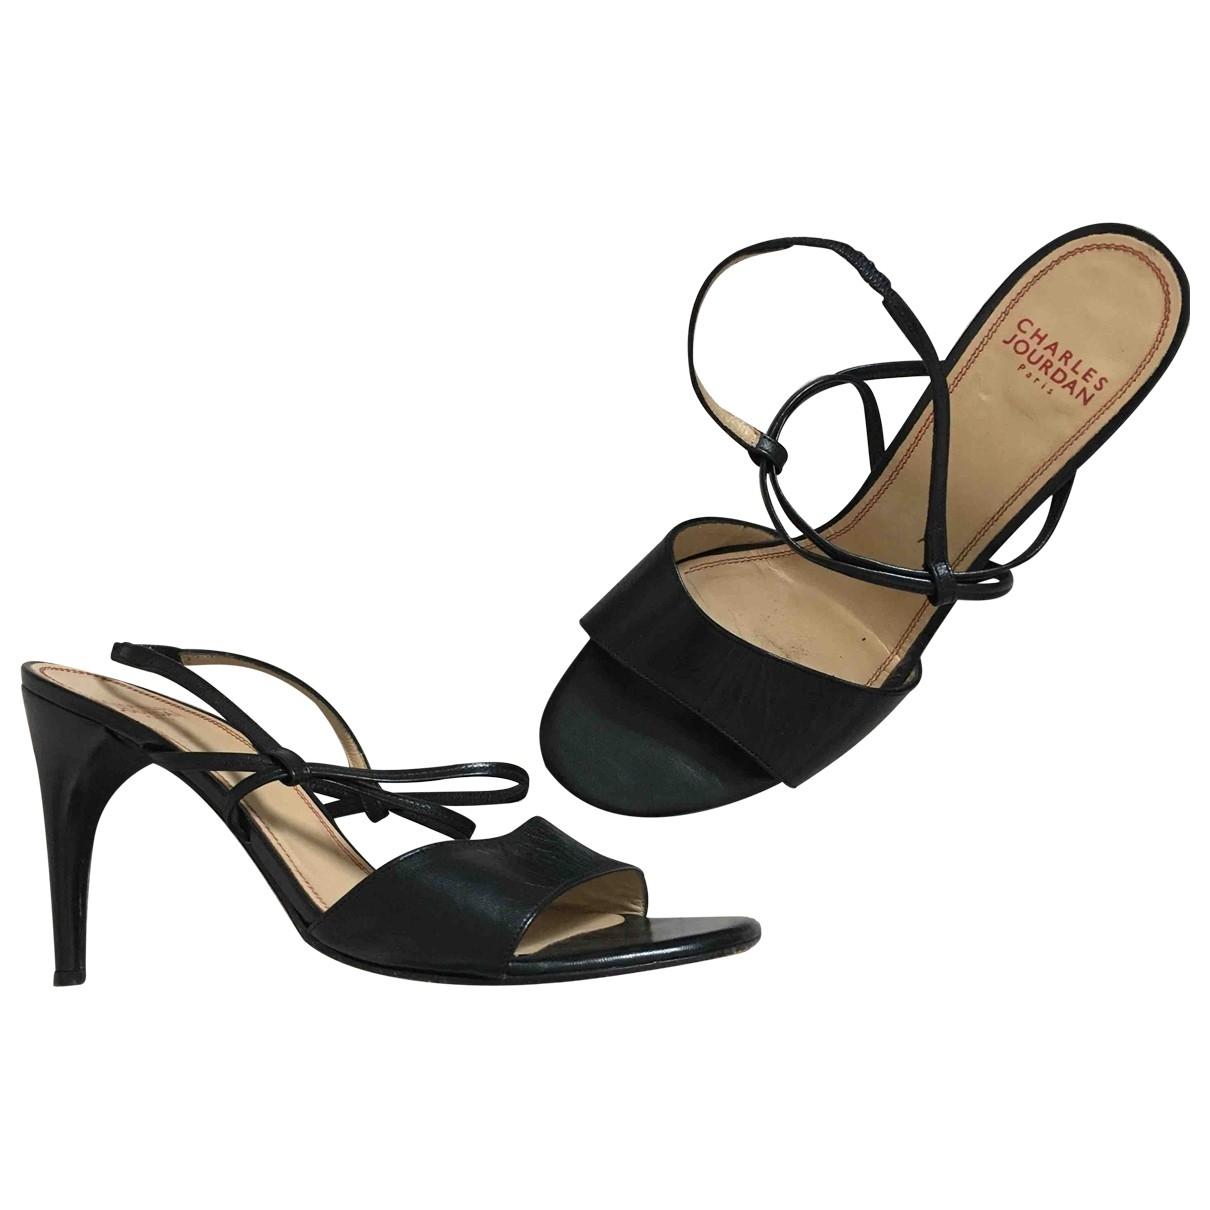 Charles Jourdan \N Black Leather Heels for Women 8.5 US